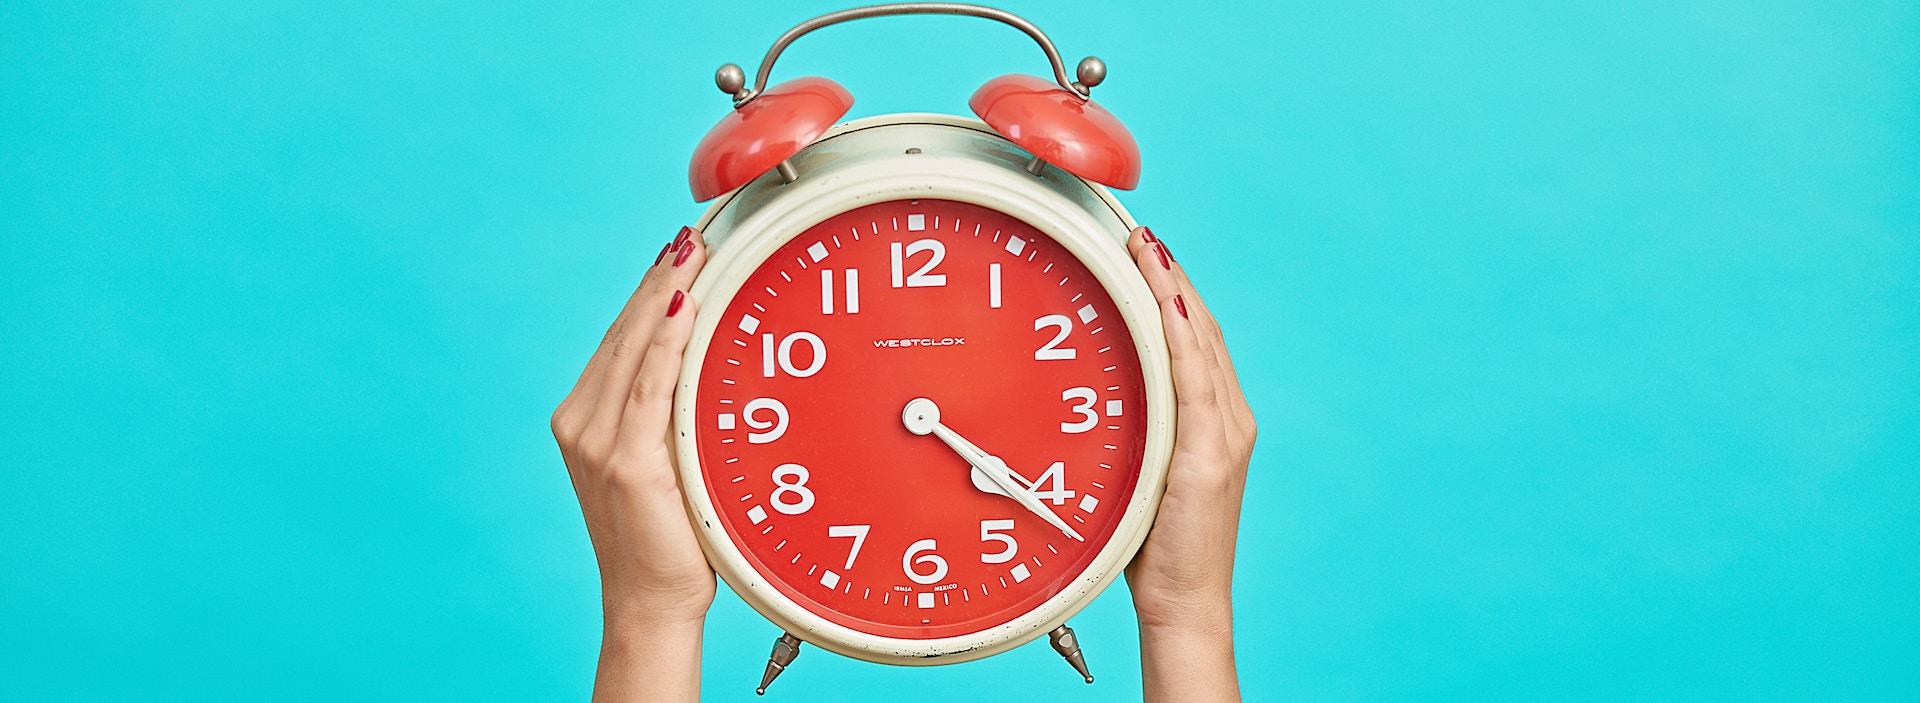 Uhr-Schnlligkeit-unsplash